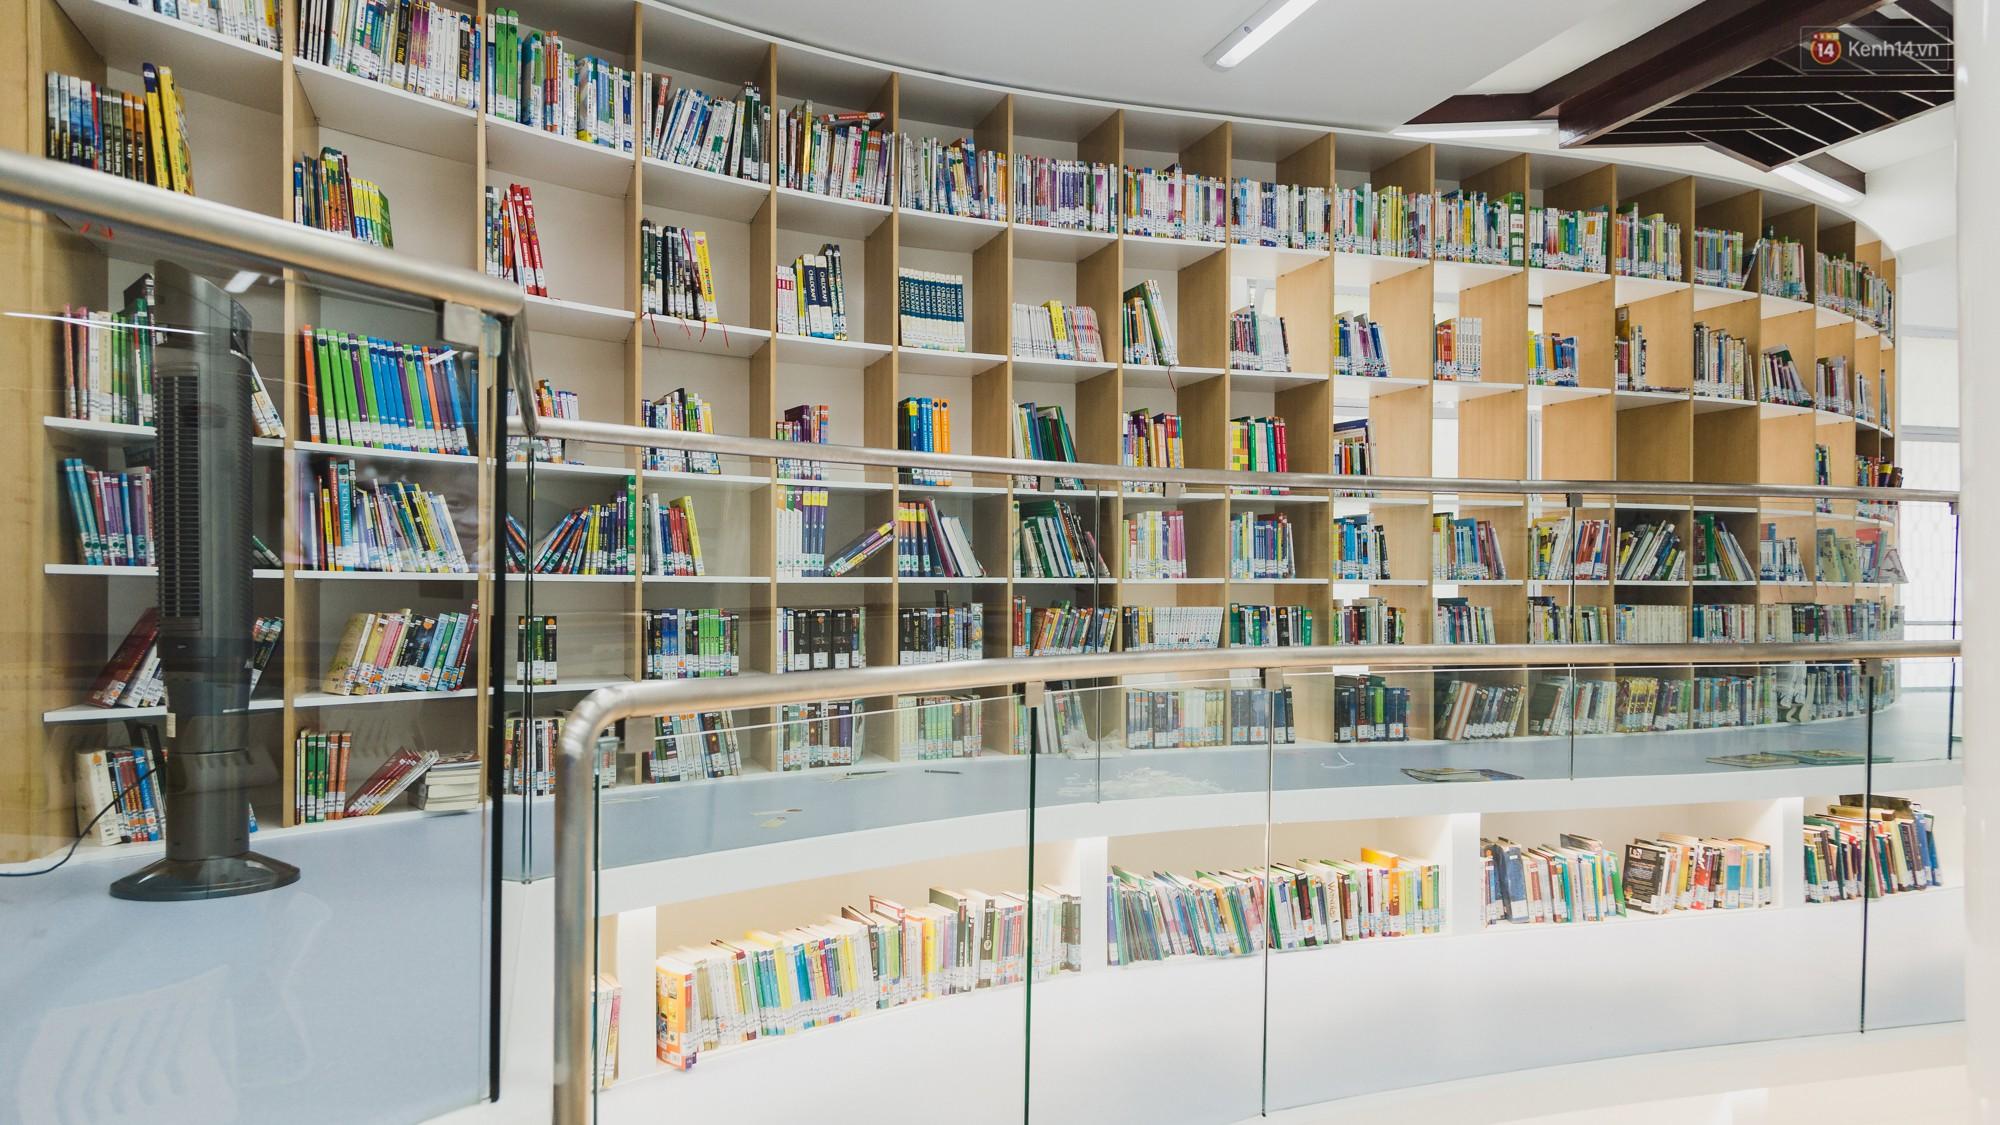 Thư viện thông minh đầu tiên dành cho thiếu nhi ở TP.HCM: Đẹp như sân chơi, có cả ngàn đầu sách và lên hình siêu ảo - Ảnh 2.